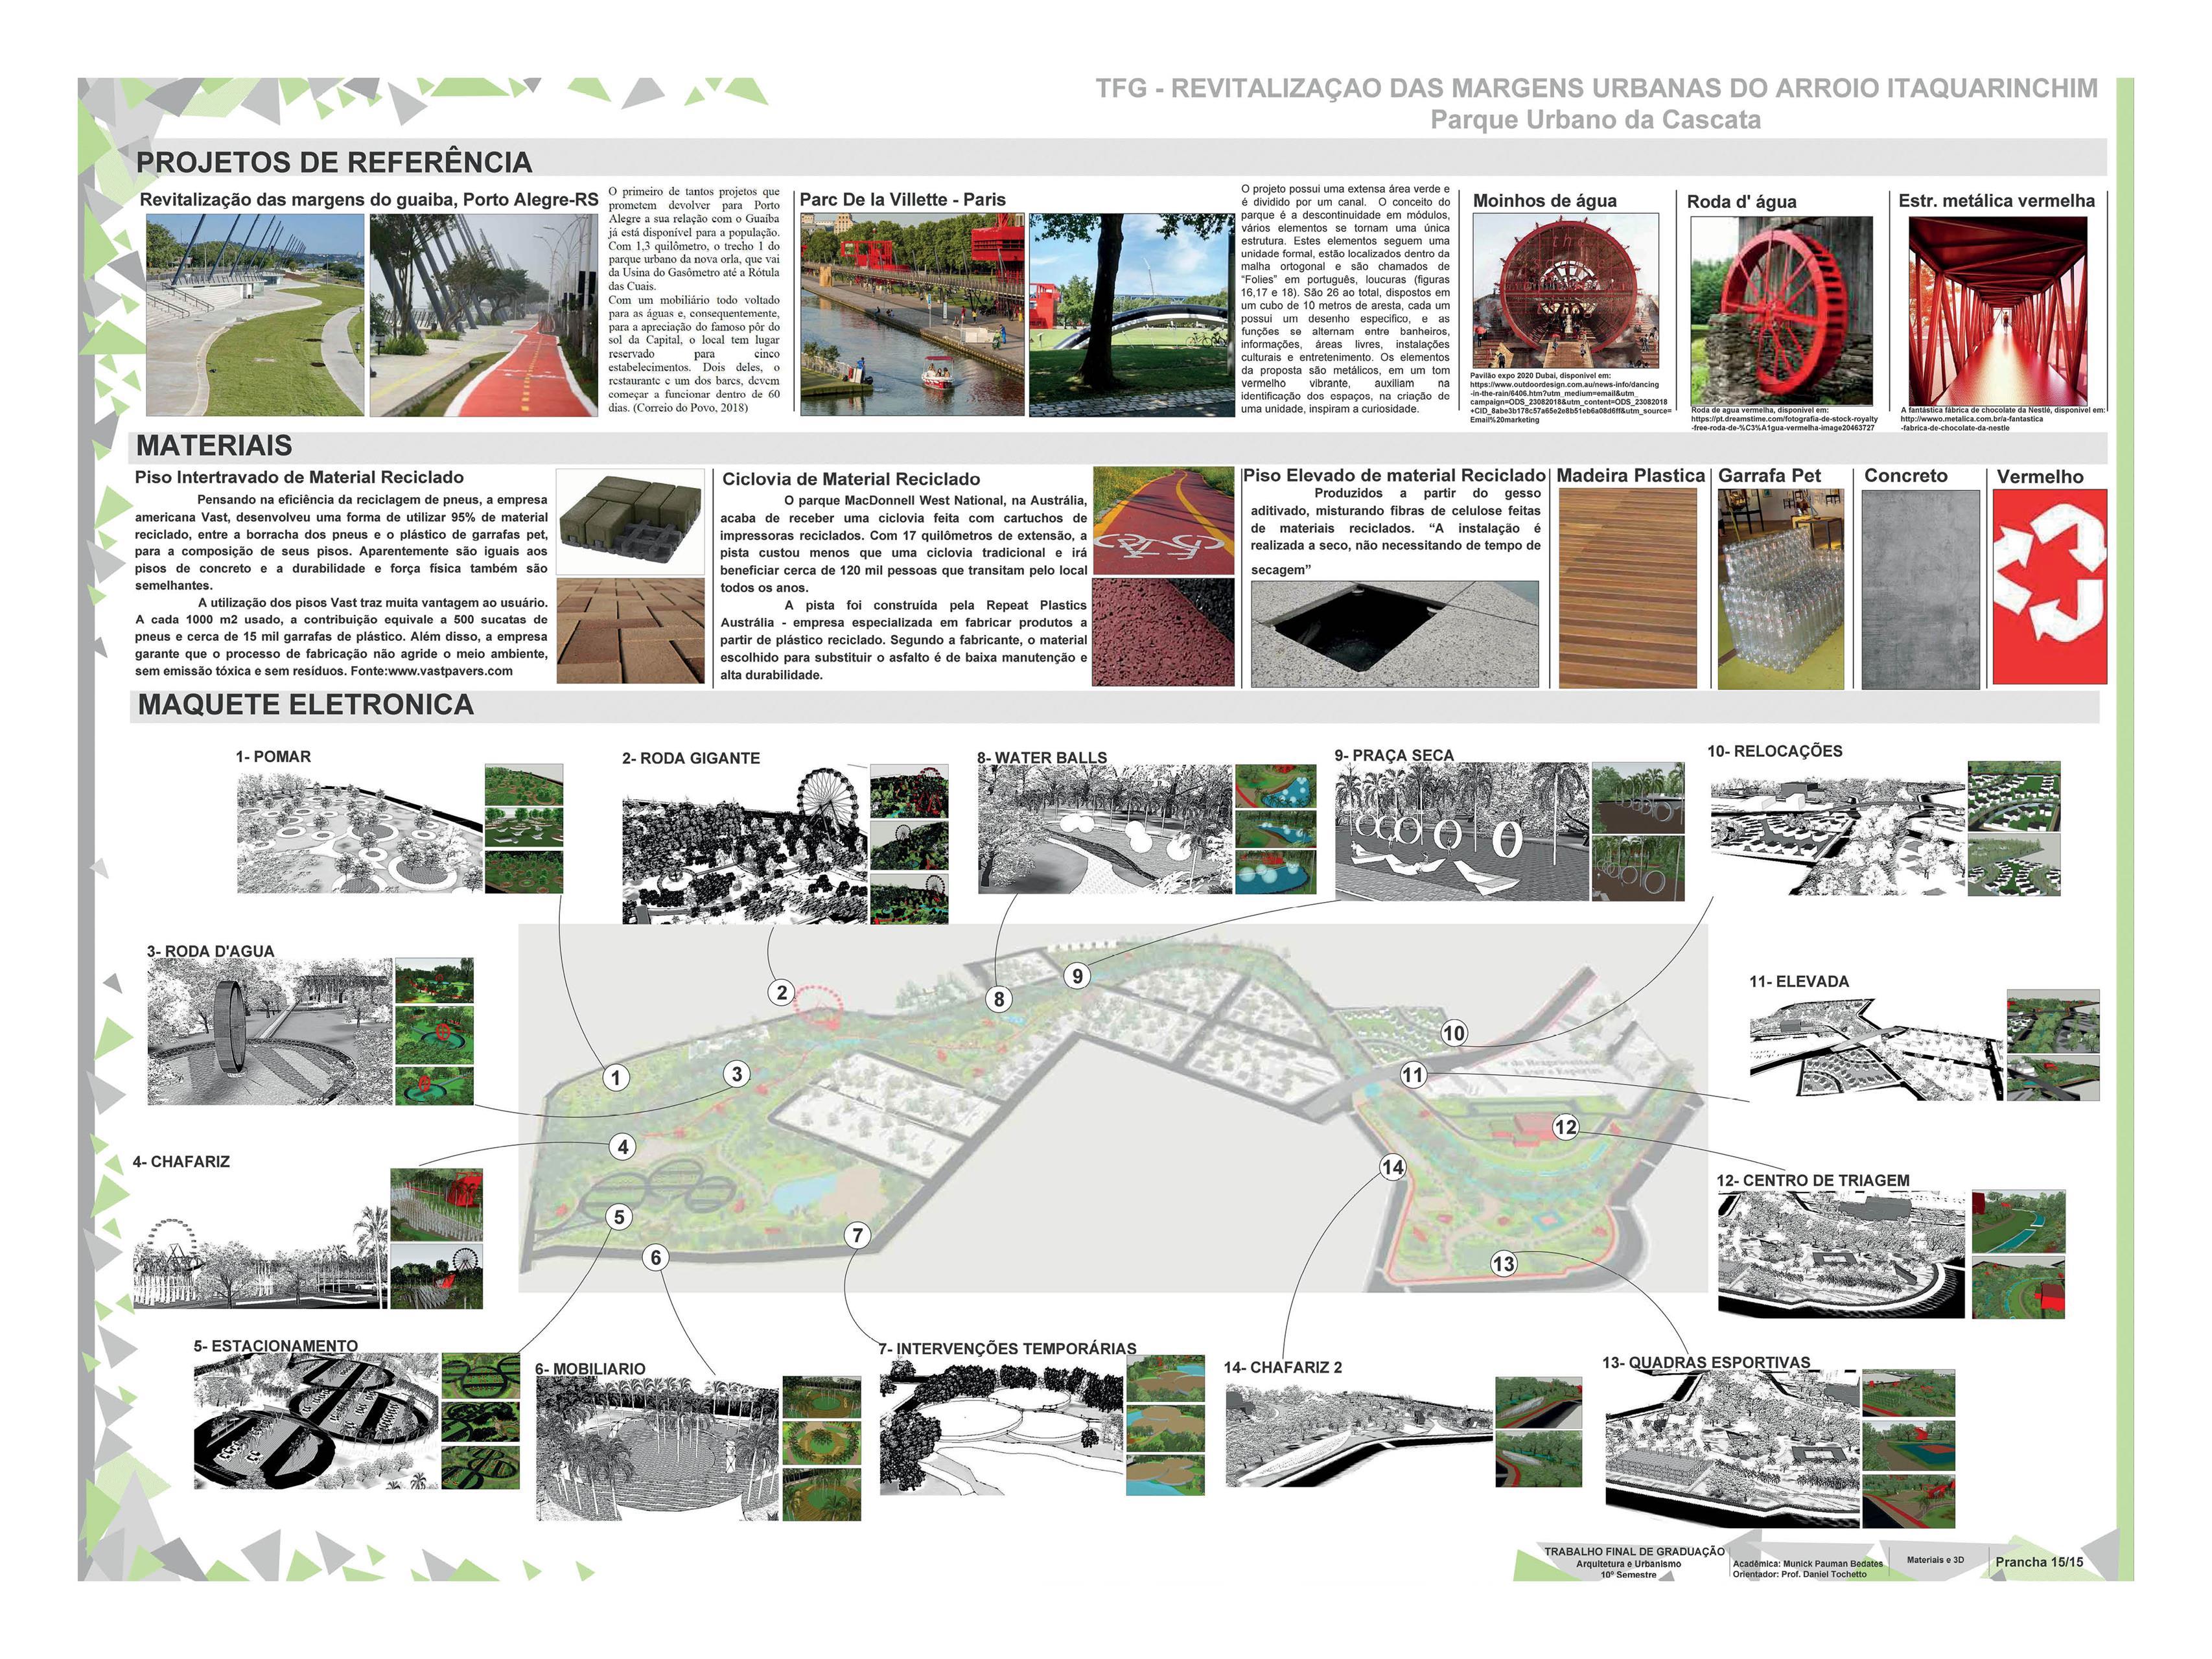 Revitalização das Margens do Arroio Itaquarinchim - Parque Urbano da Cascata14 (Copy)